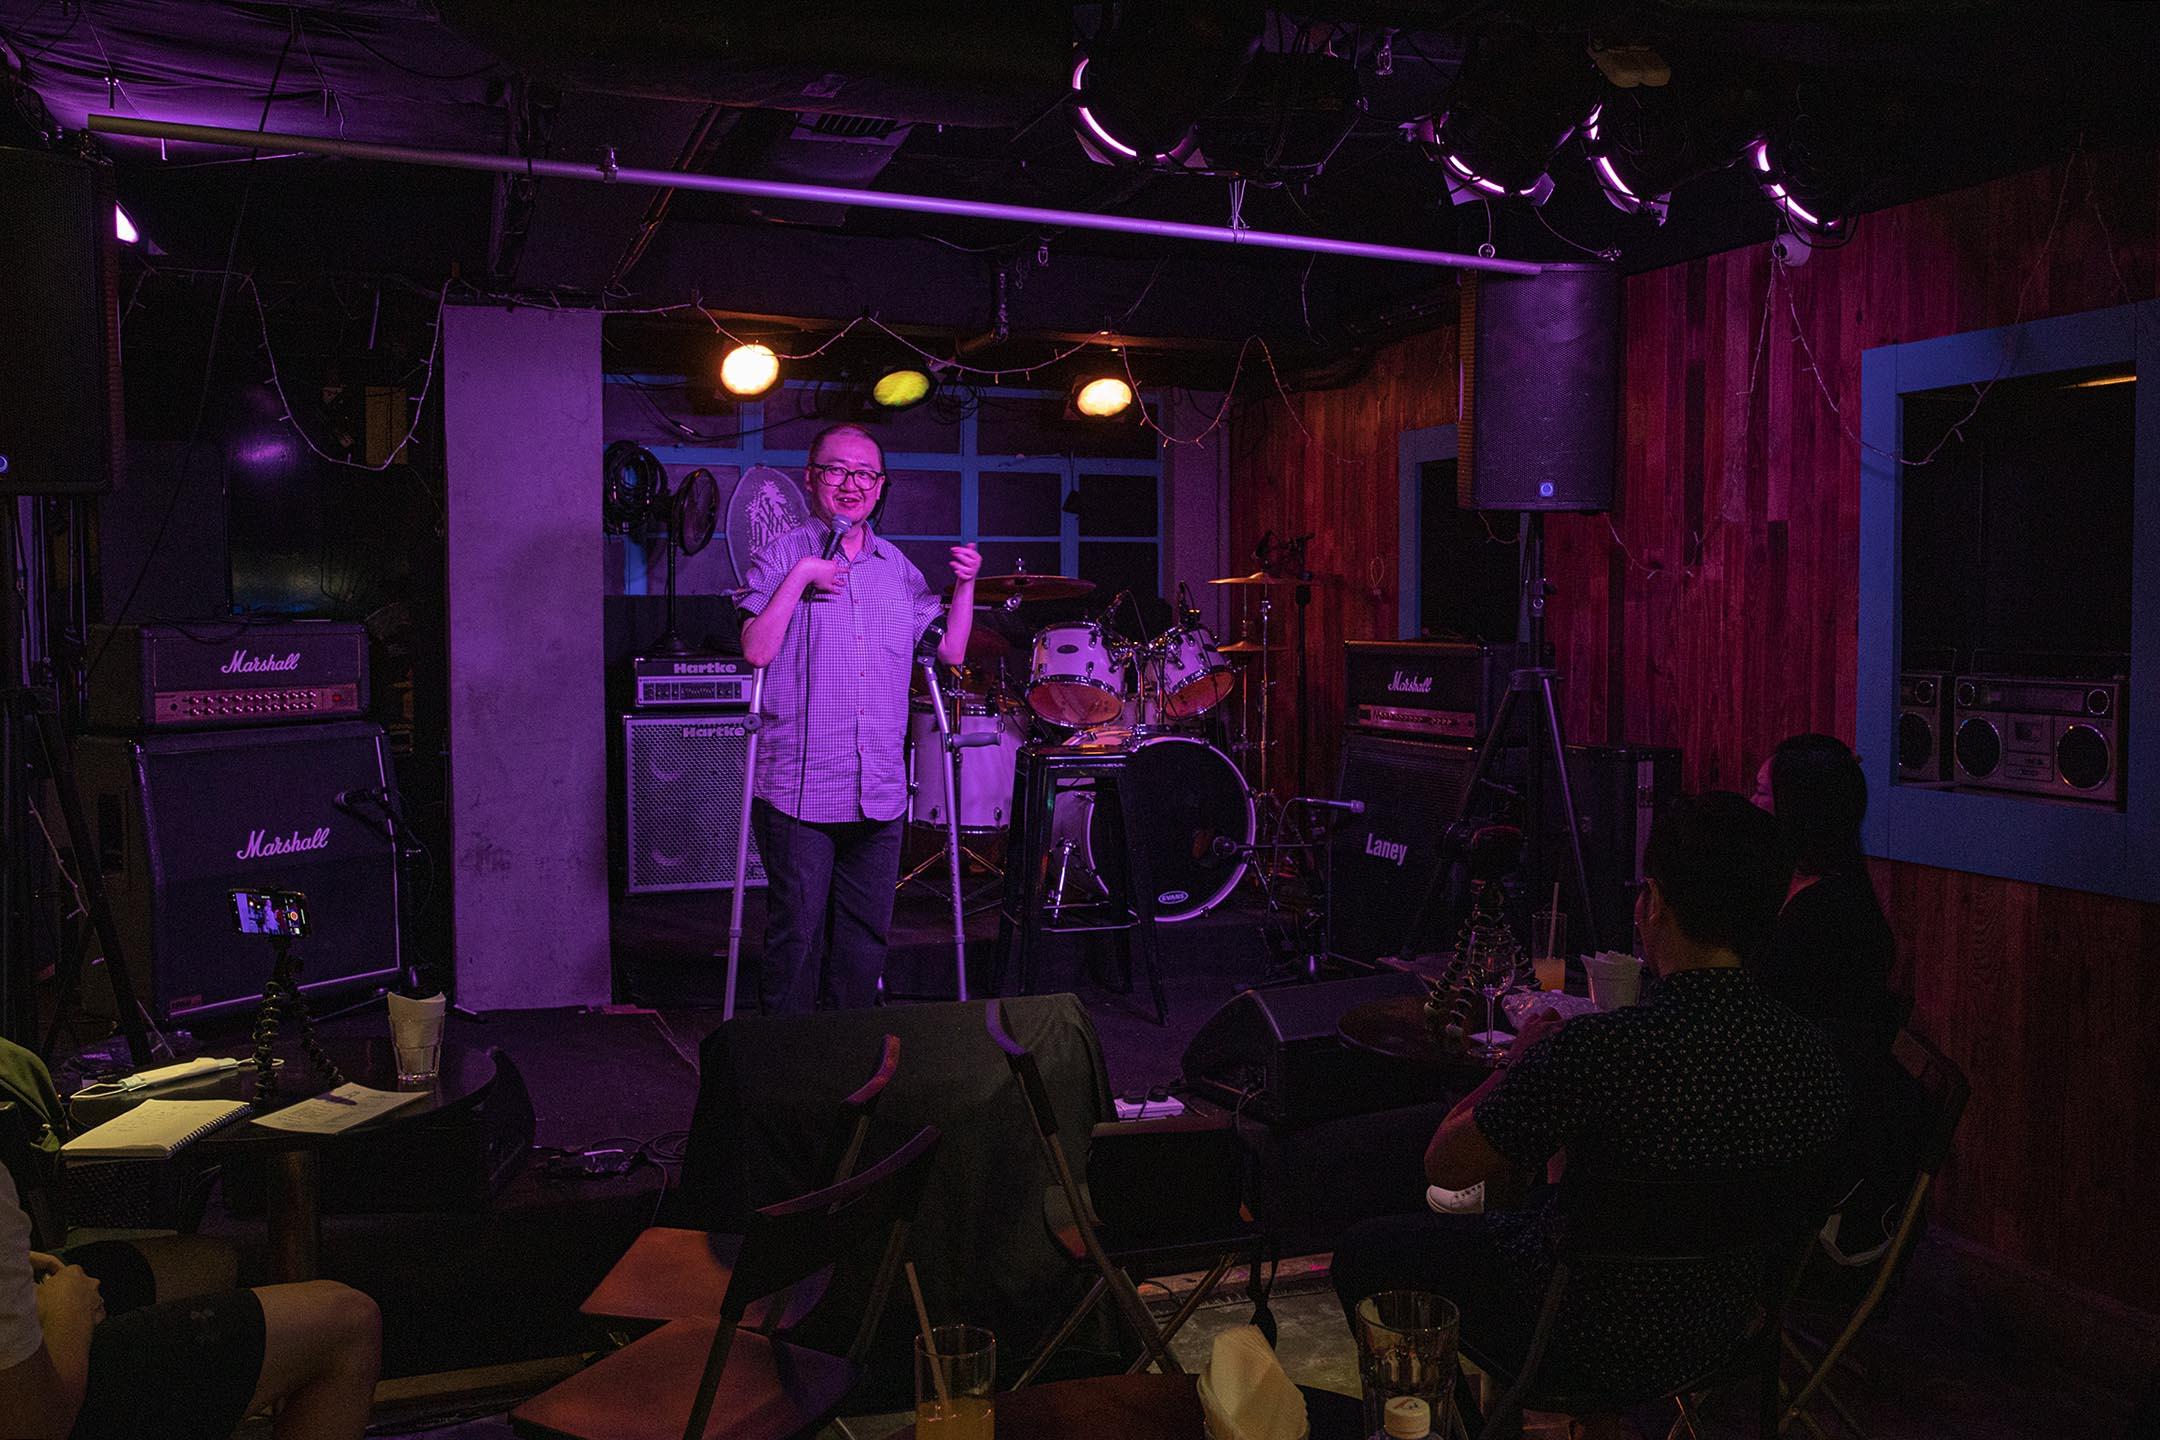 喜劇藝人的聚腳活動「Open Mic」,表演者在台上演出。